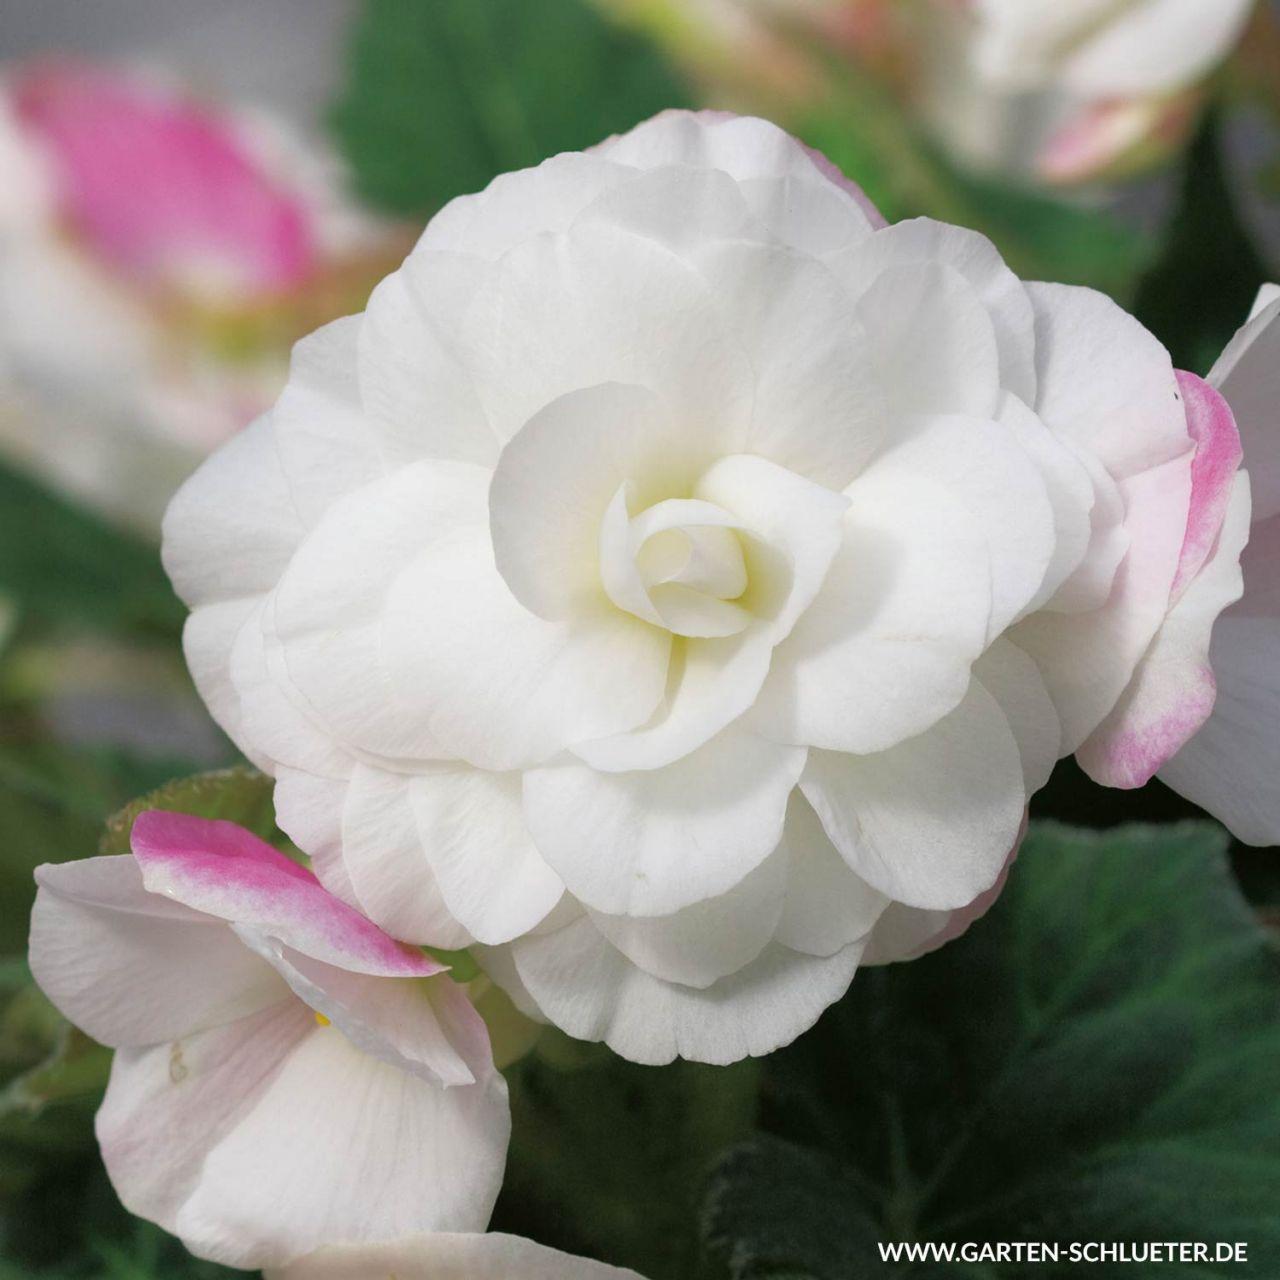 Wummi-Begonie 'Apfelblüte' - 3 Stück